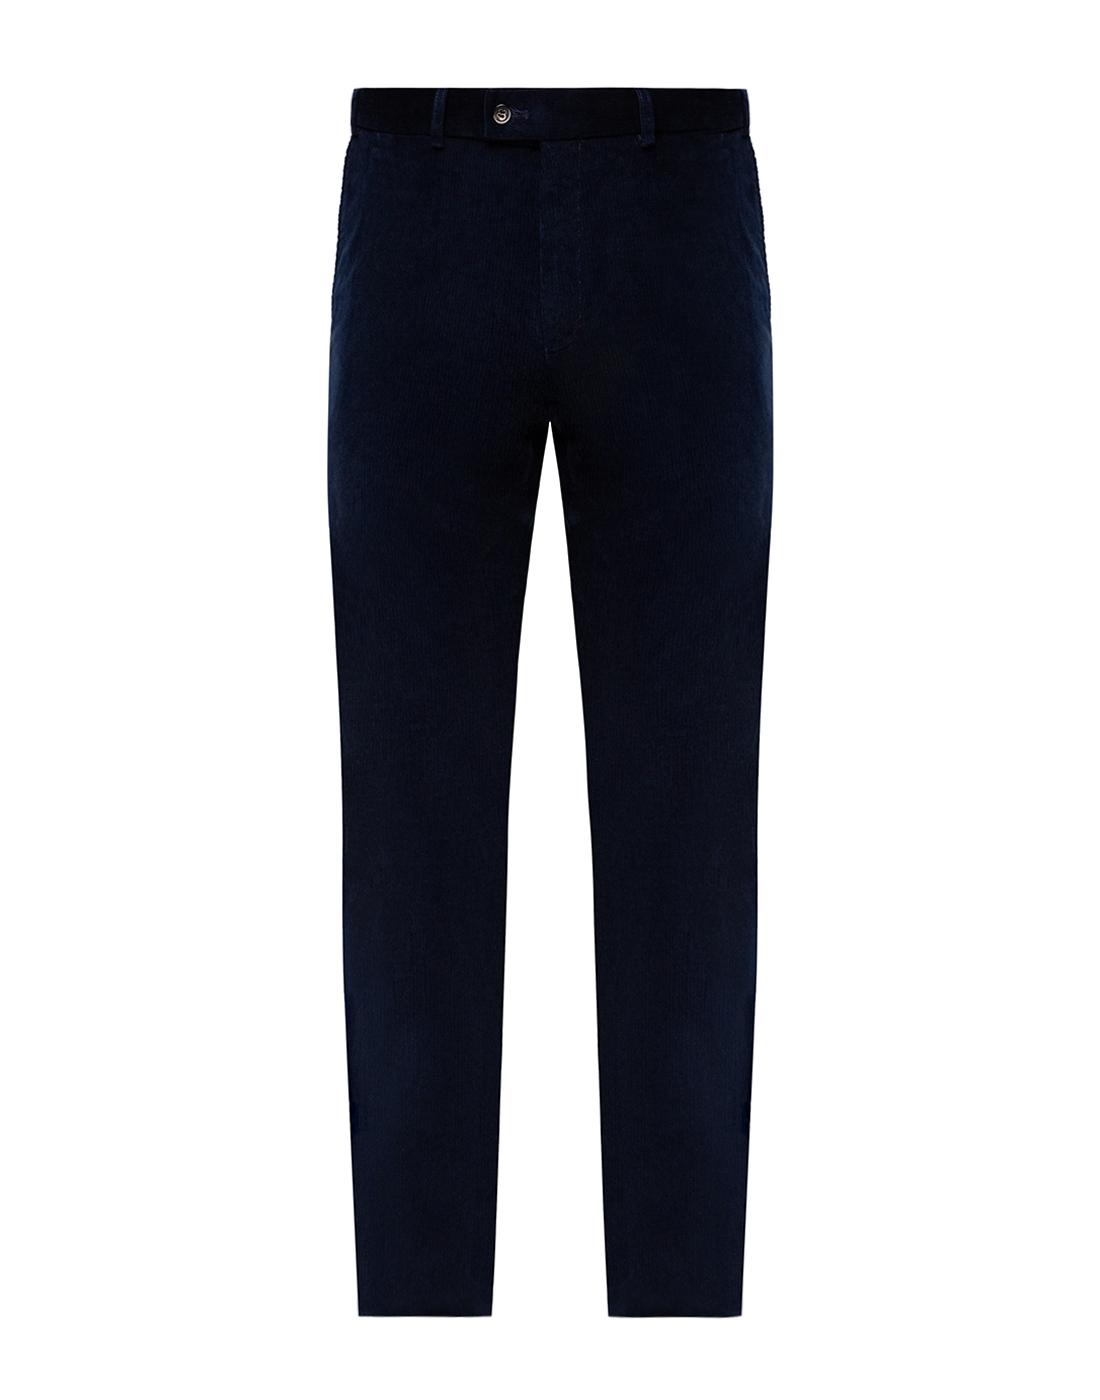 Мужские темно-синие вельветовые брюки Hiltl  S74818 43 71700-1